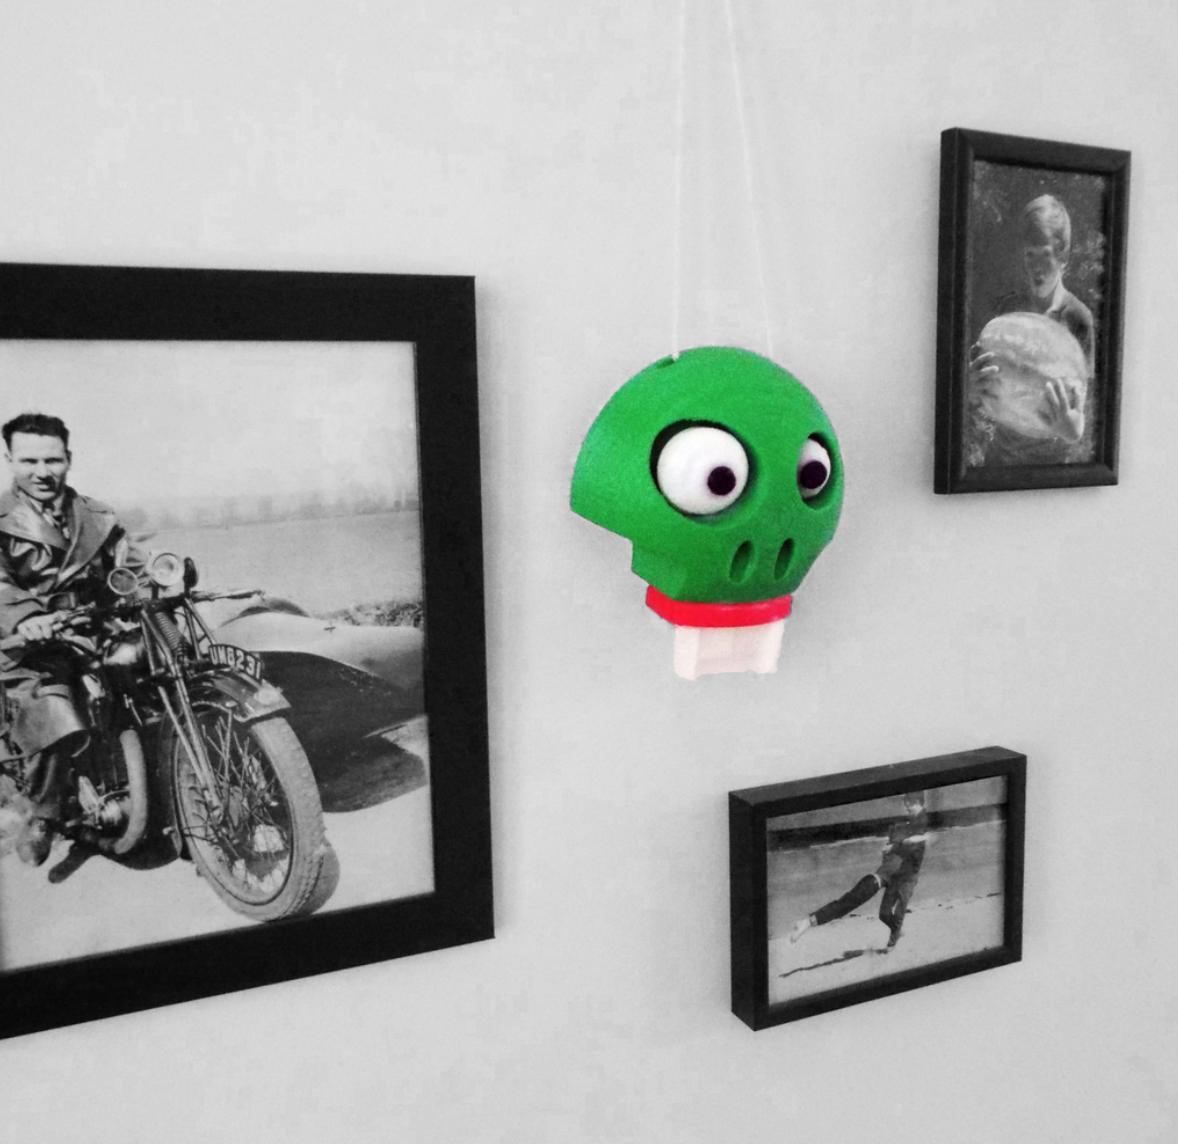 Capture d'écran 2018-01-26 à 16.02.32.png Download free STL file Halloween Glow in the dark wall/door hanger (Skelton) • 3D print object, Pongo